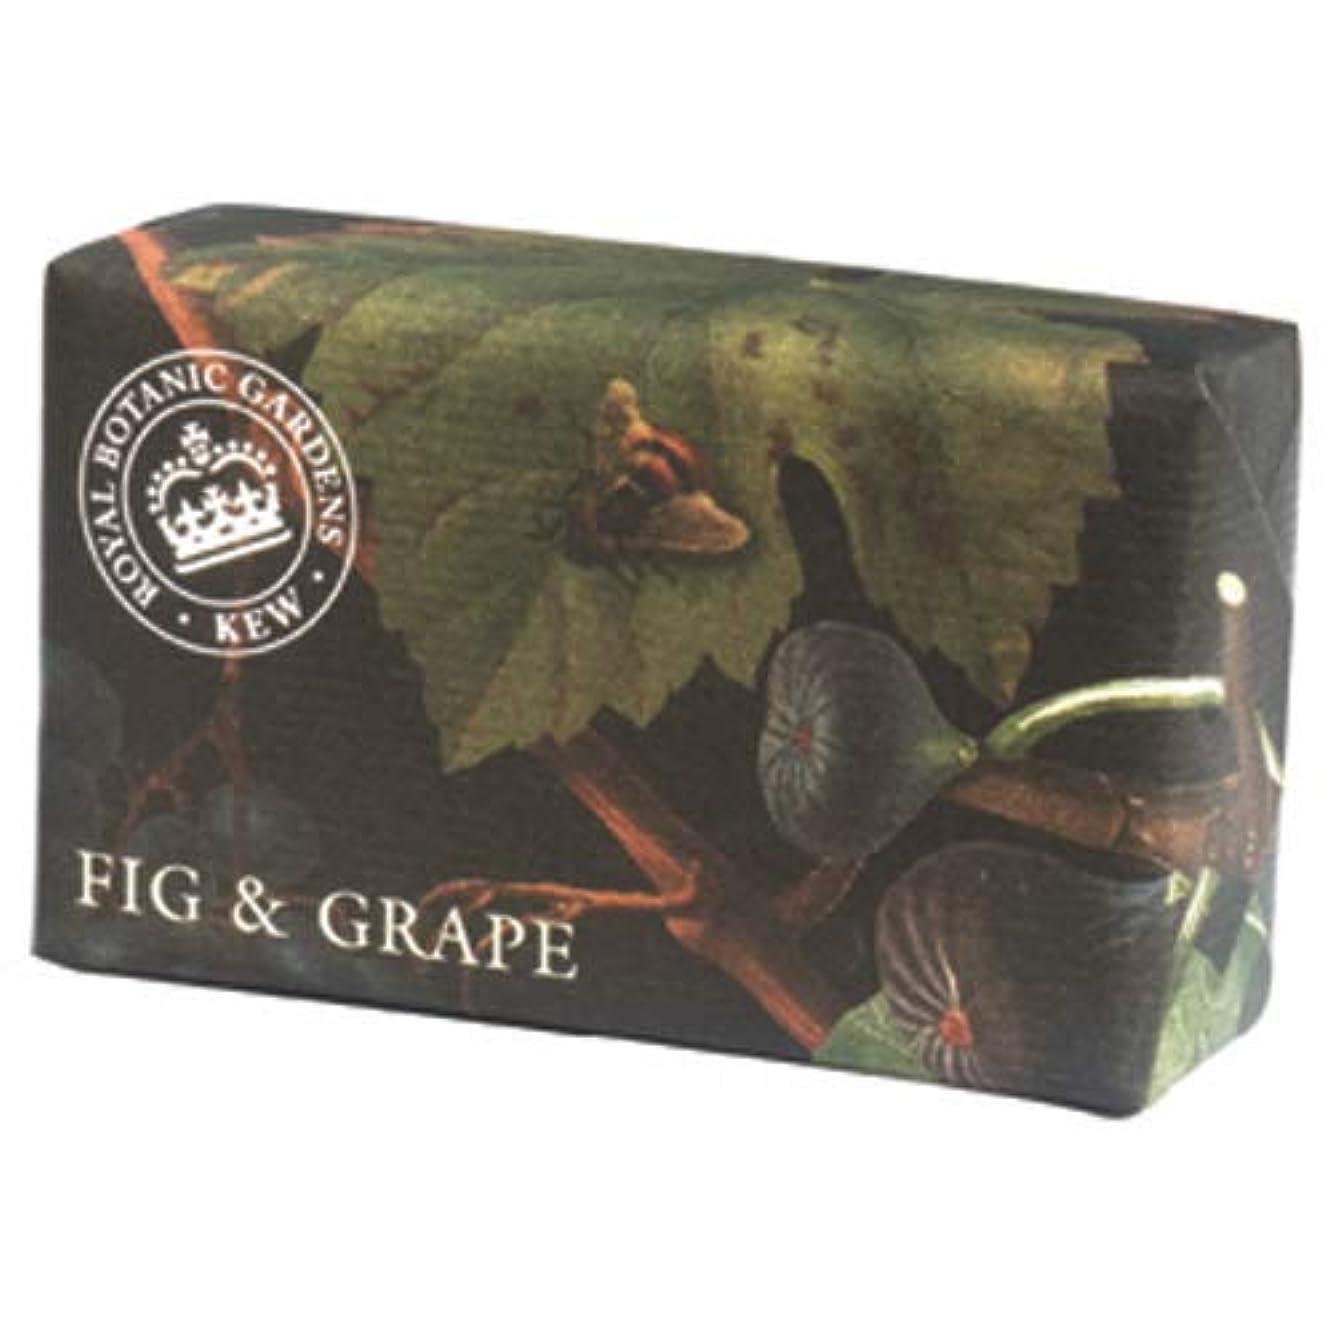 大通り症状デザートEnglish Soap Company イングリッシュソープカンパニー KEW GARDEN キュー?ガーデン Luxury Shea Soaps シアソープ Fig & Grape フィグ&グレープ